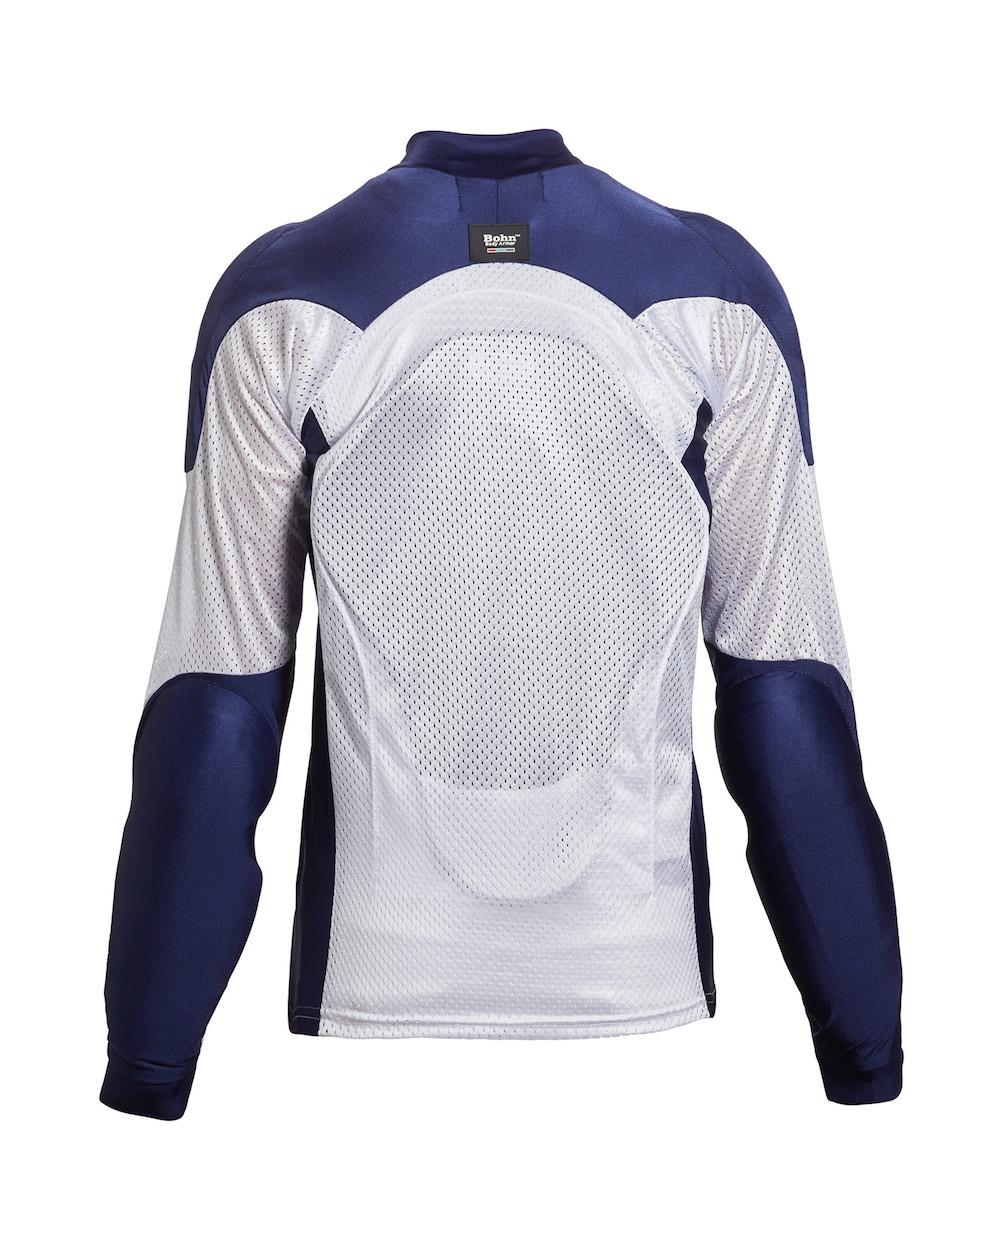 778d02413e5 All-Season Airtex Armored Riding Shirt - Blue + White